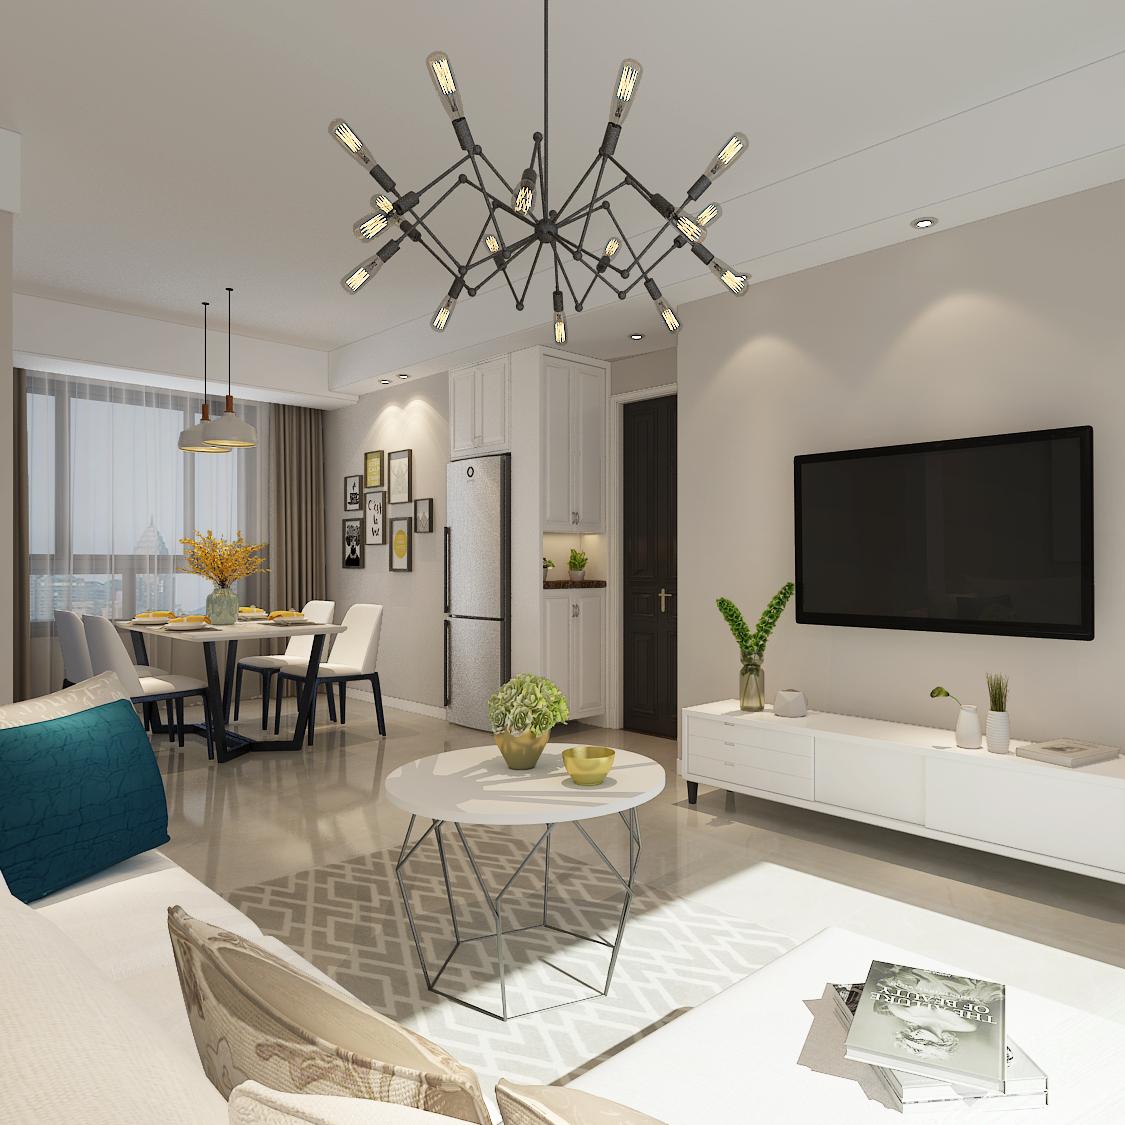 合肥山水装饰集团设计作品信达天御100平方三室居现代风格设计方案报价效果图分享